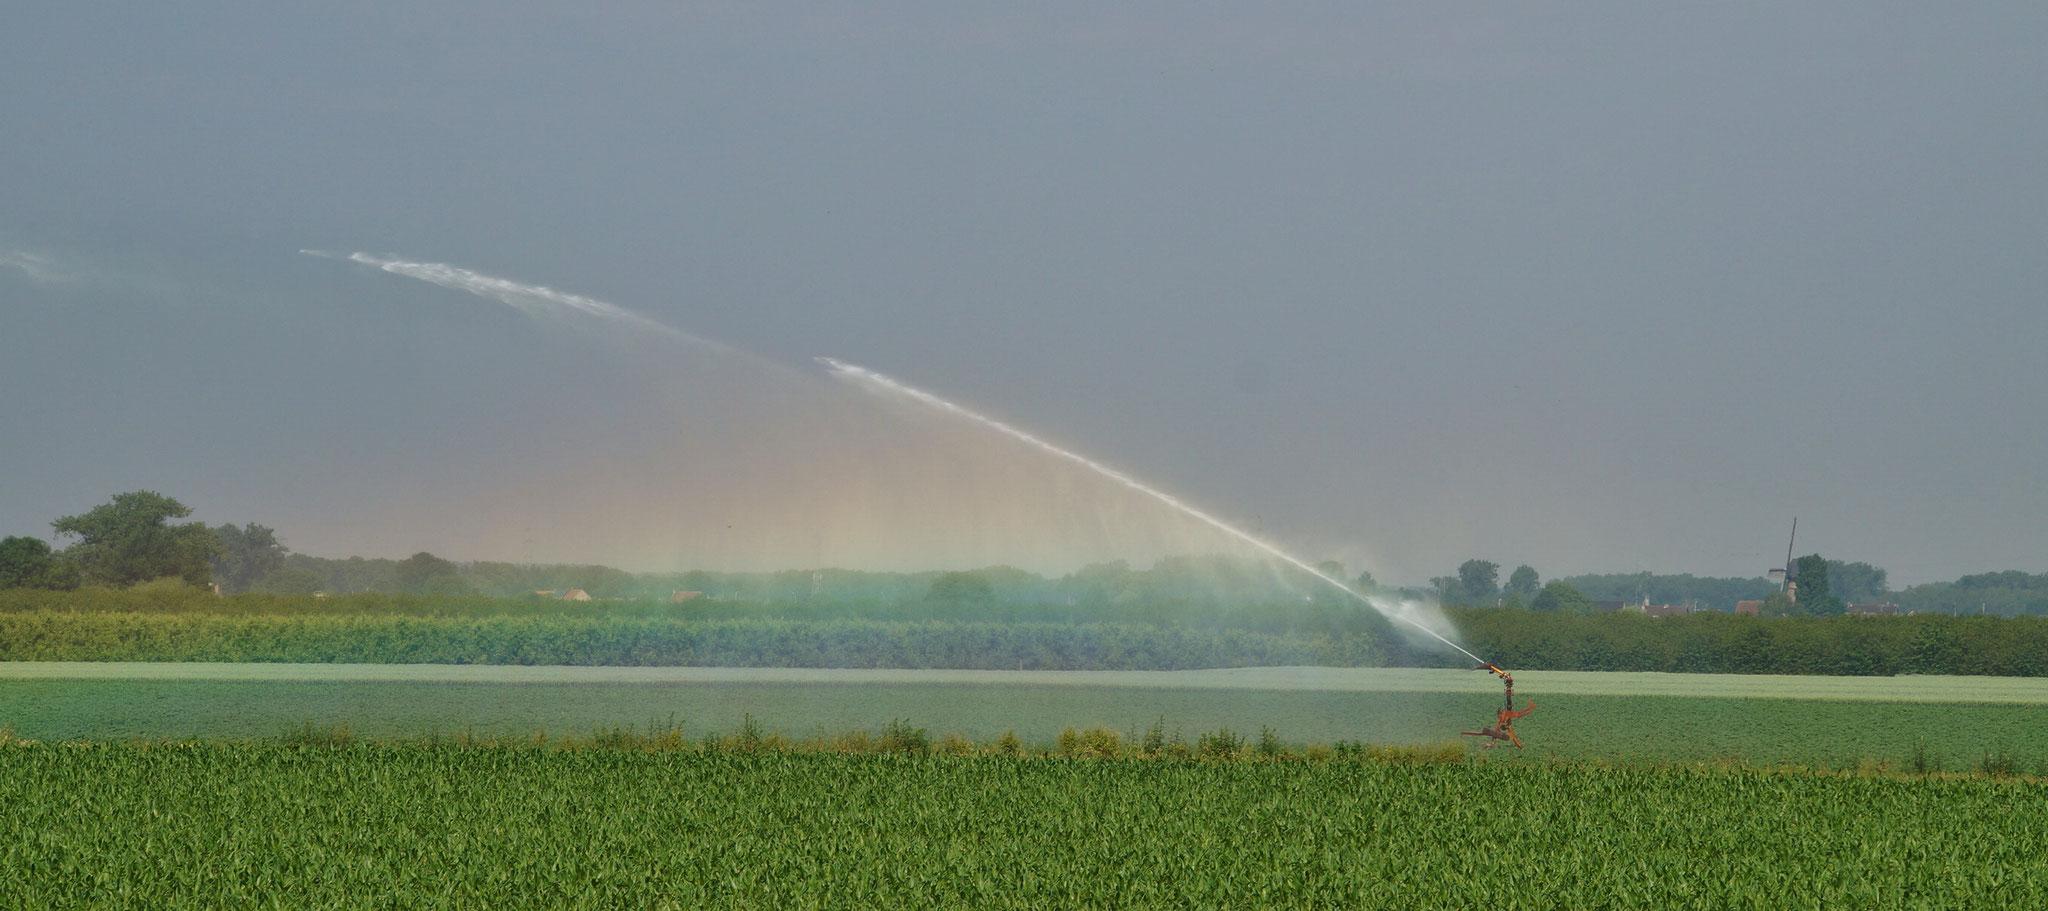 Wasserspender erzeugen künstliche Regenbögen